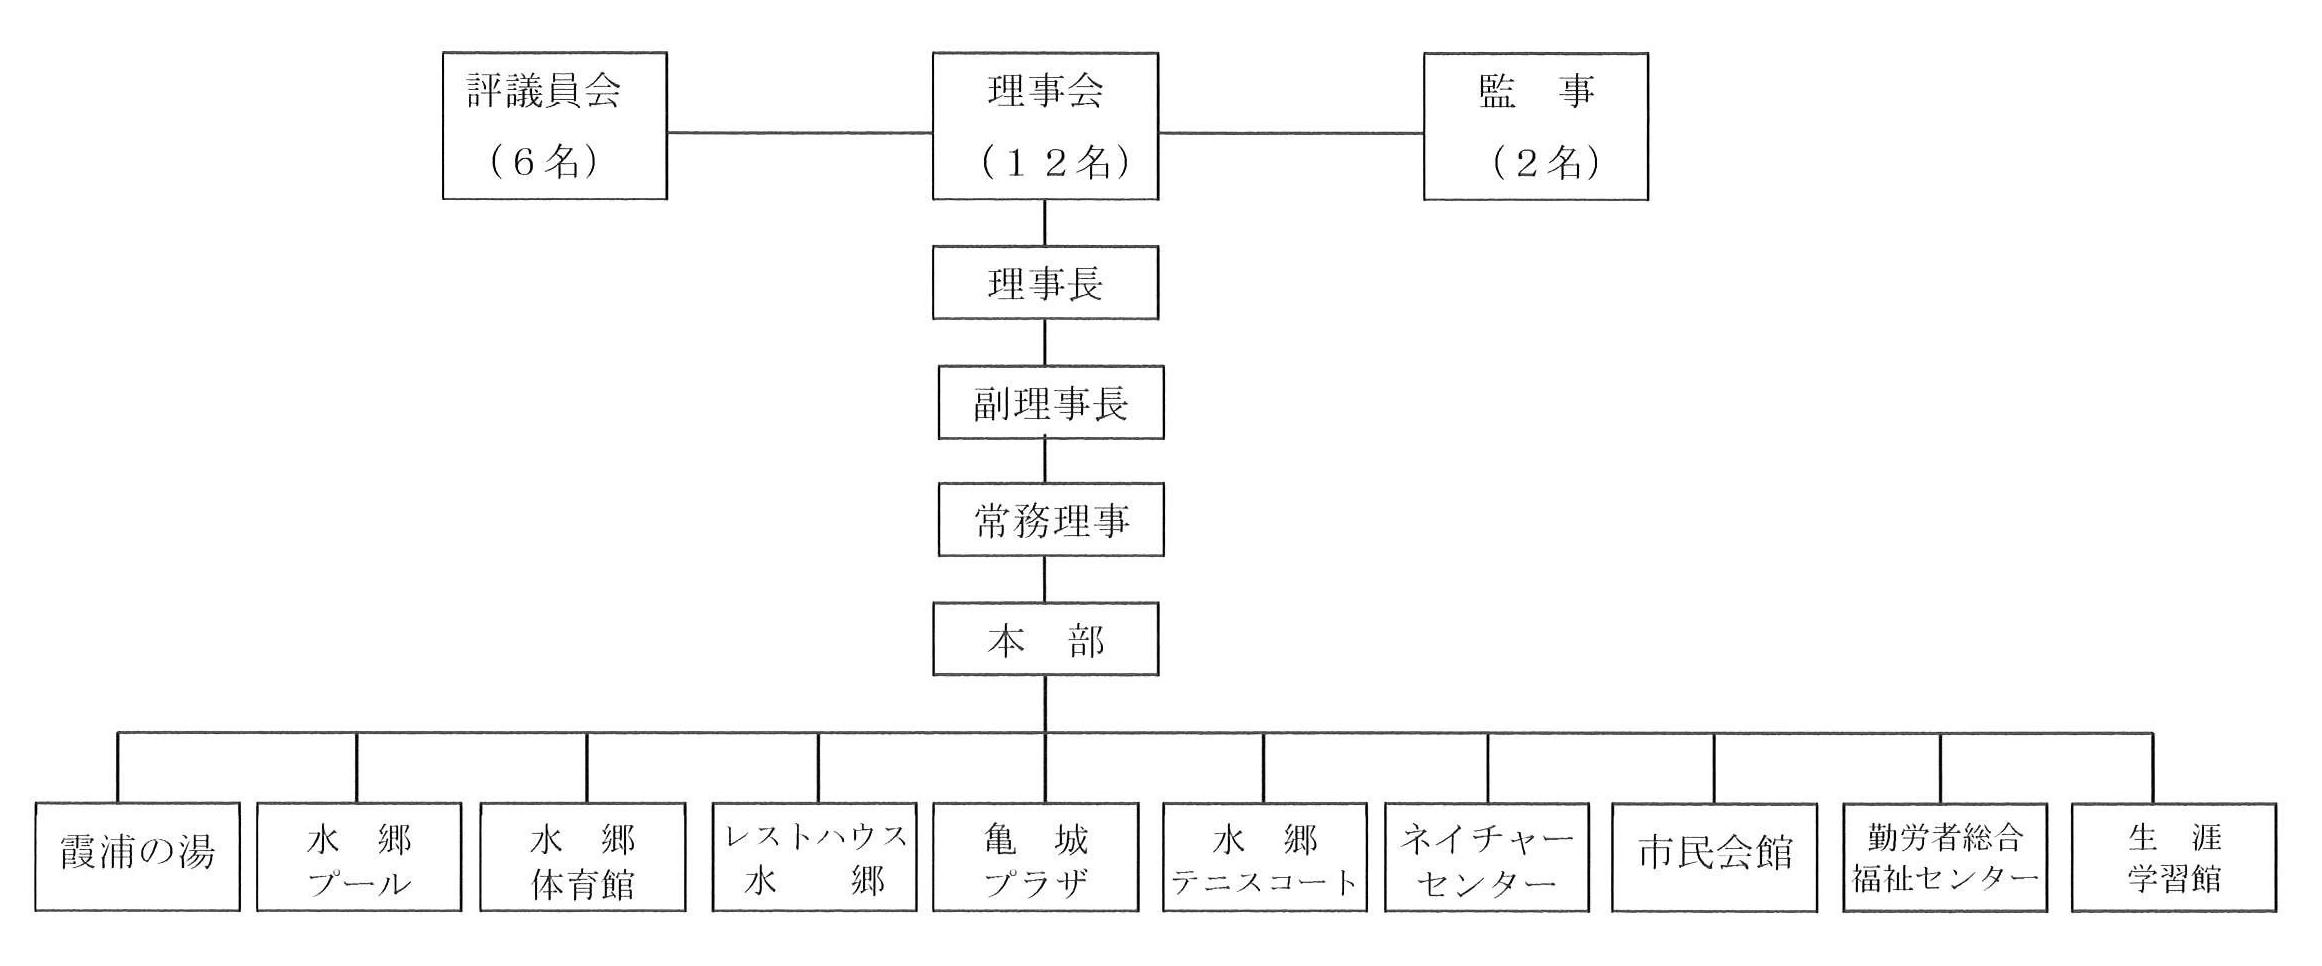 『組織図(ページ内)』の画像